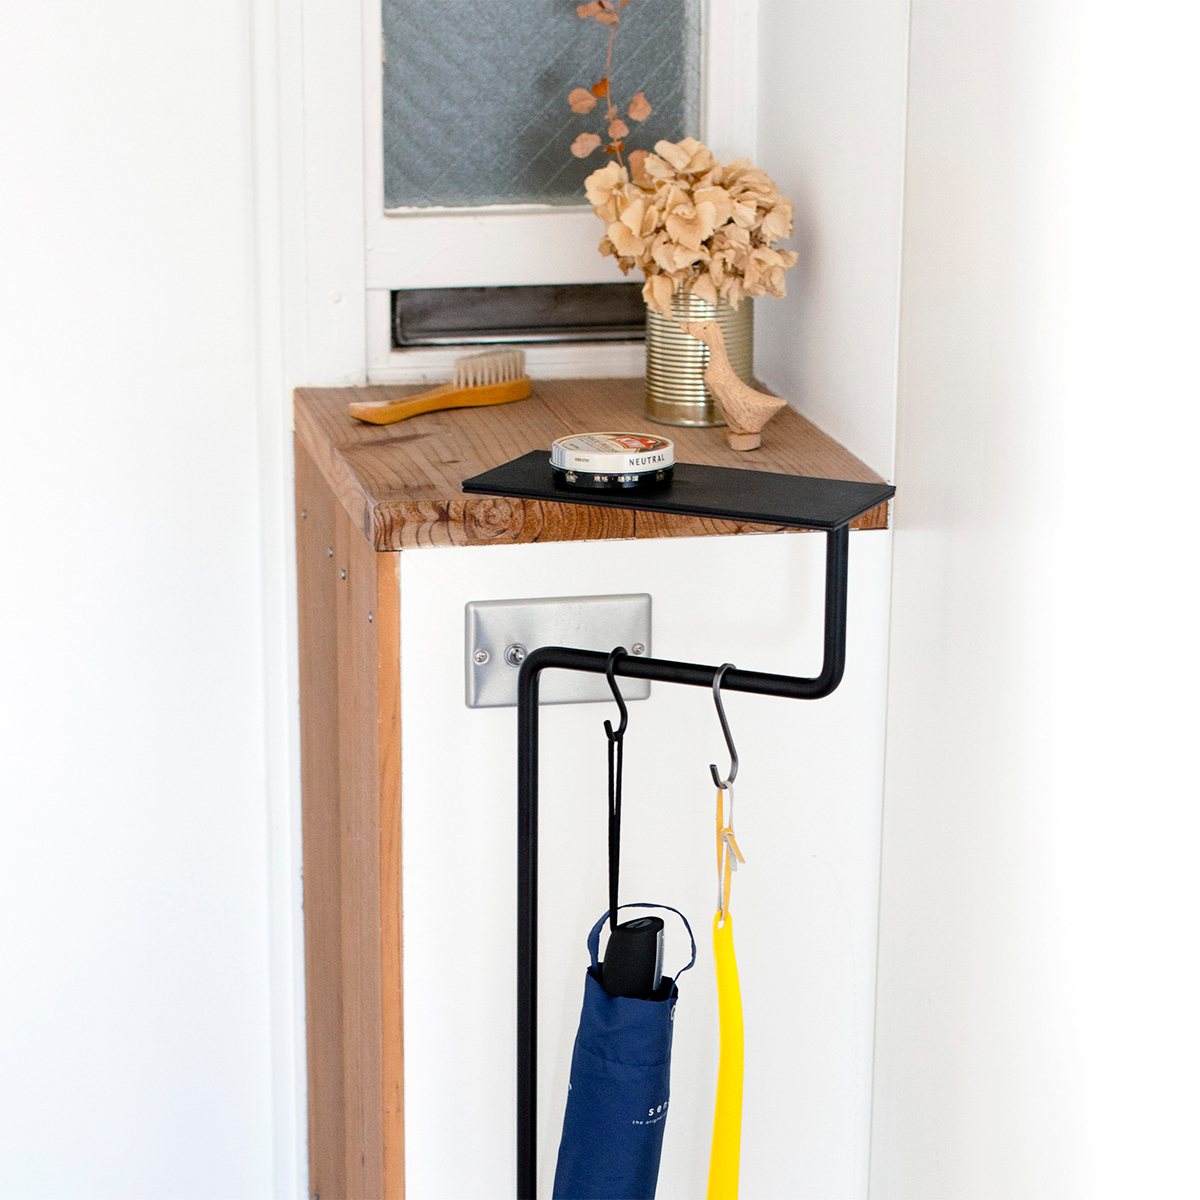 「出かけるまで財布や鍵を、ちょっと持ってて」という意味を込めて名付けられた家具|空間に静かに溶け込みながら、あなたの暮しを、グッと心地よく変えてくれる「スタンド型のトレイ」|DUENDE TILL